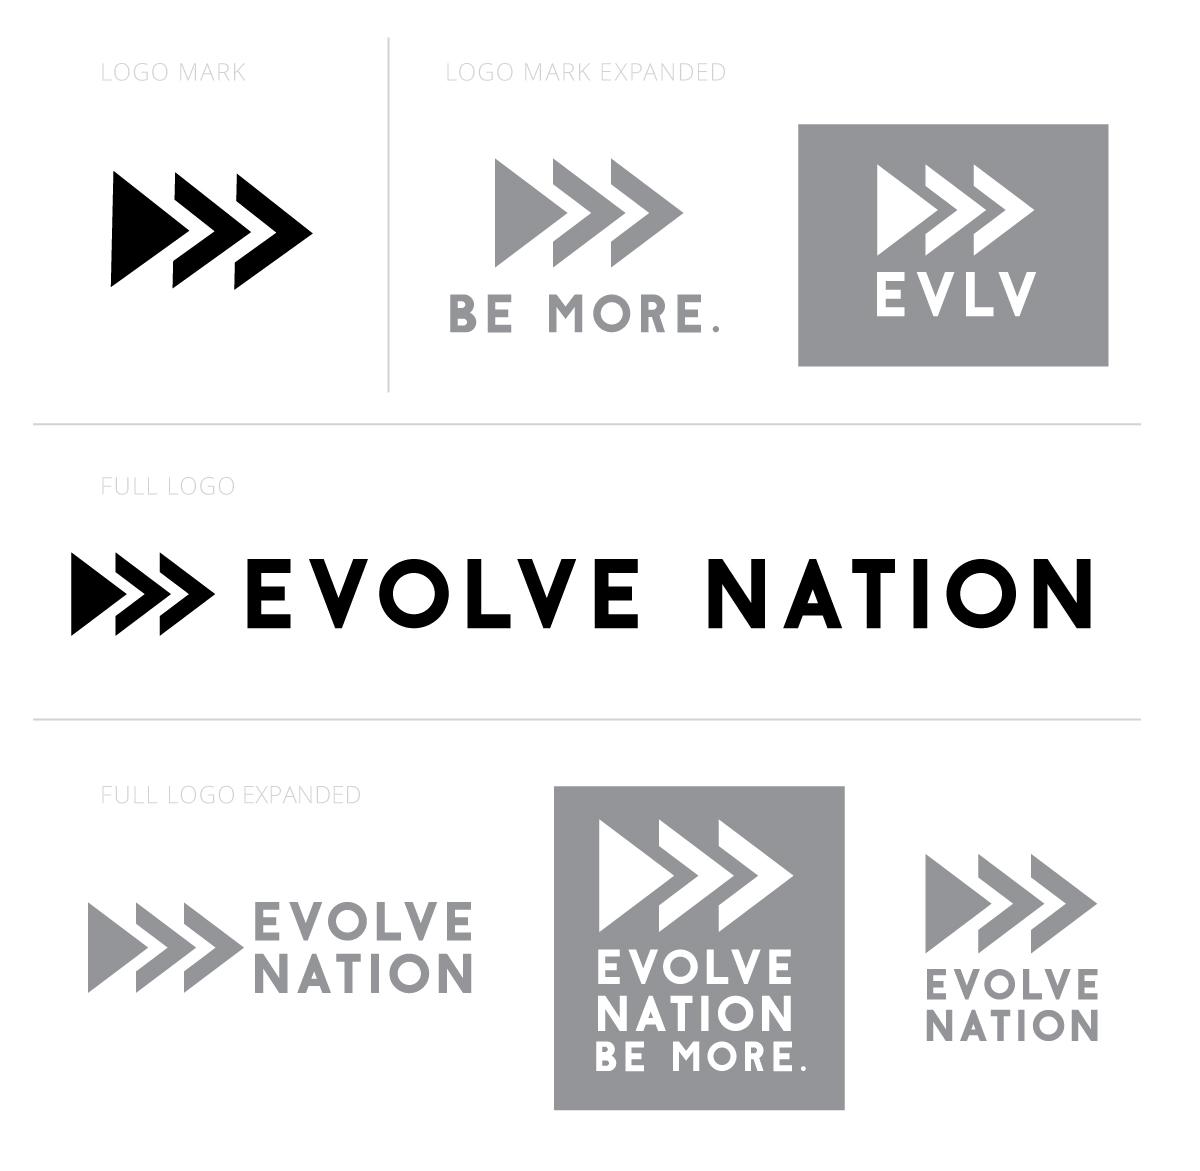 Evolve-Nation_Logo-Redesign.jpg